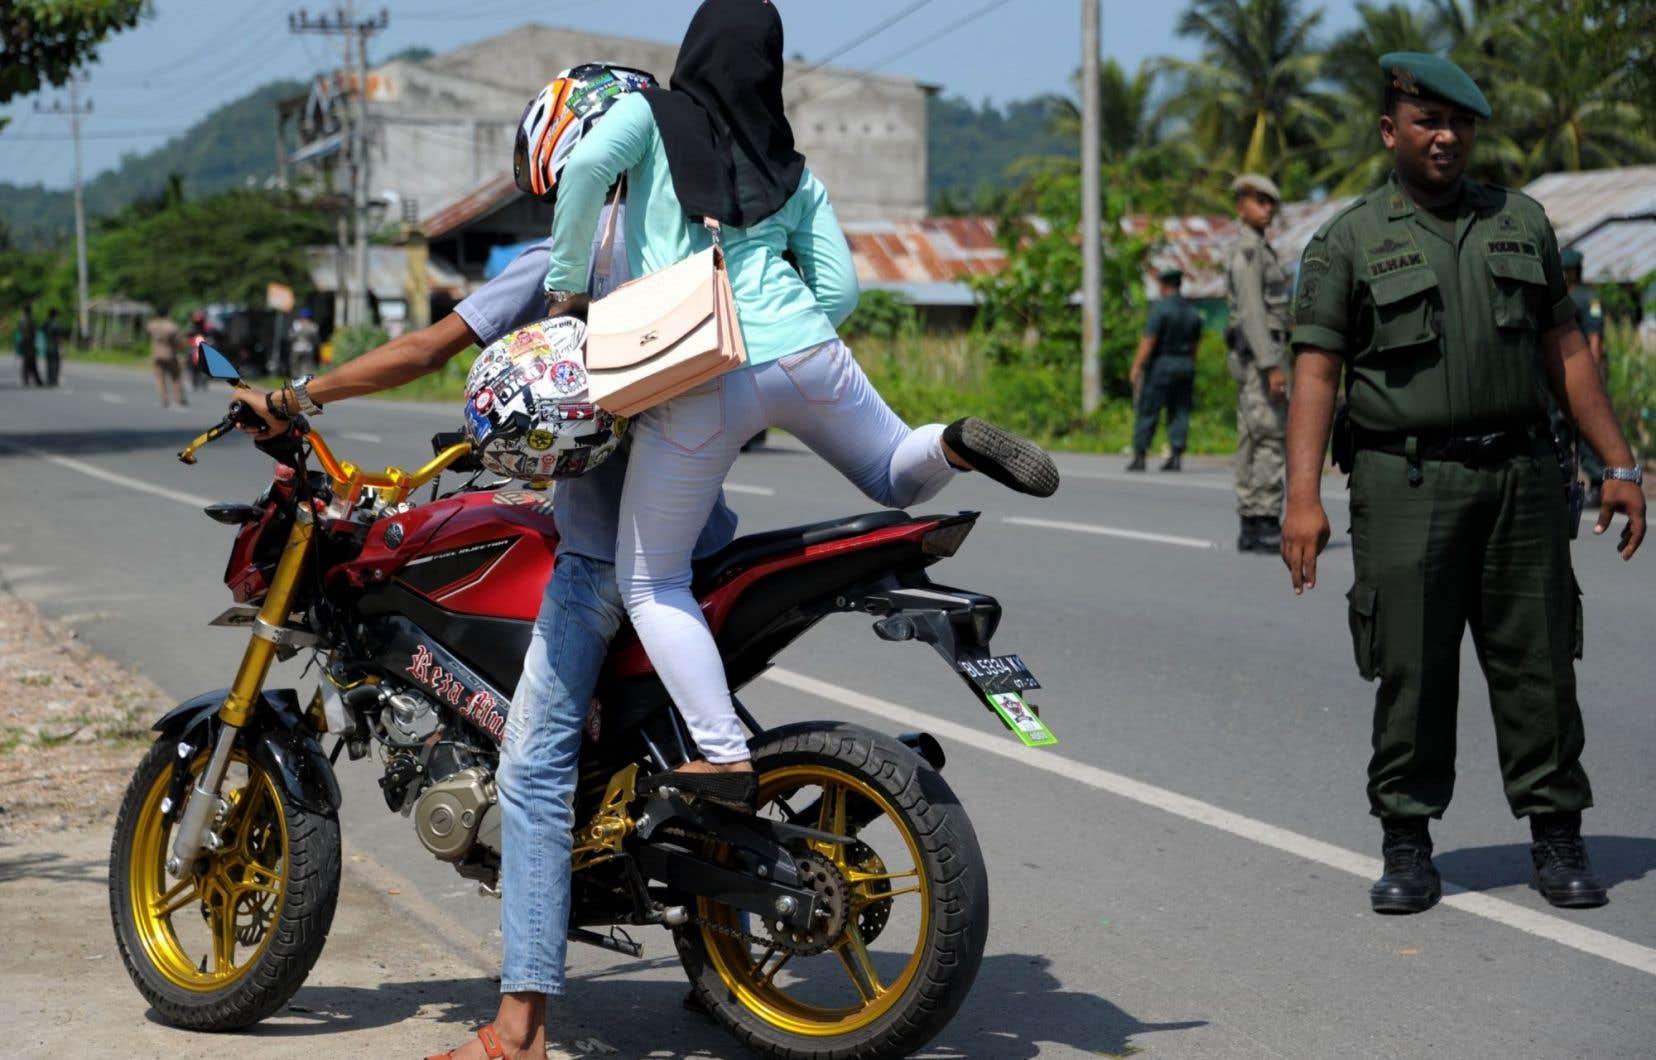 À Aceh Besar, dans la province d'Aceh, un policier interpelle deux motocyclistes à propos de leurs pantalons. Cette province du nord de Sumatra a interdit aux musulmanes de porter des vêtements ajustés. Aceh est la seule province indonésienne à appliquer la charia.